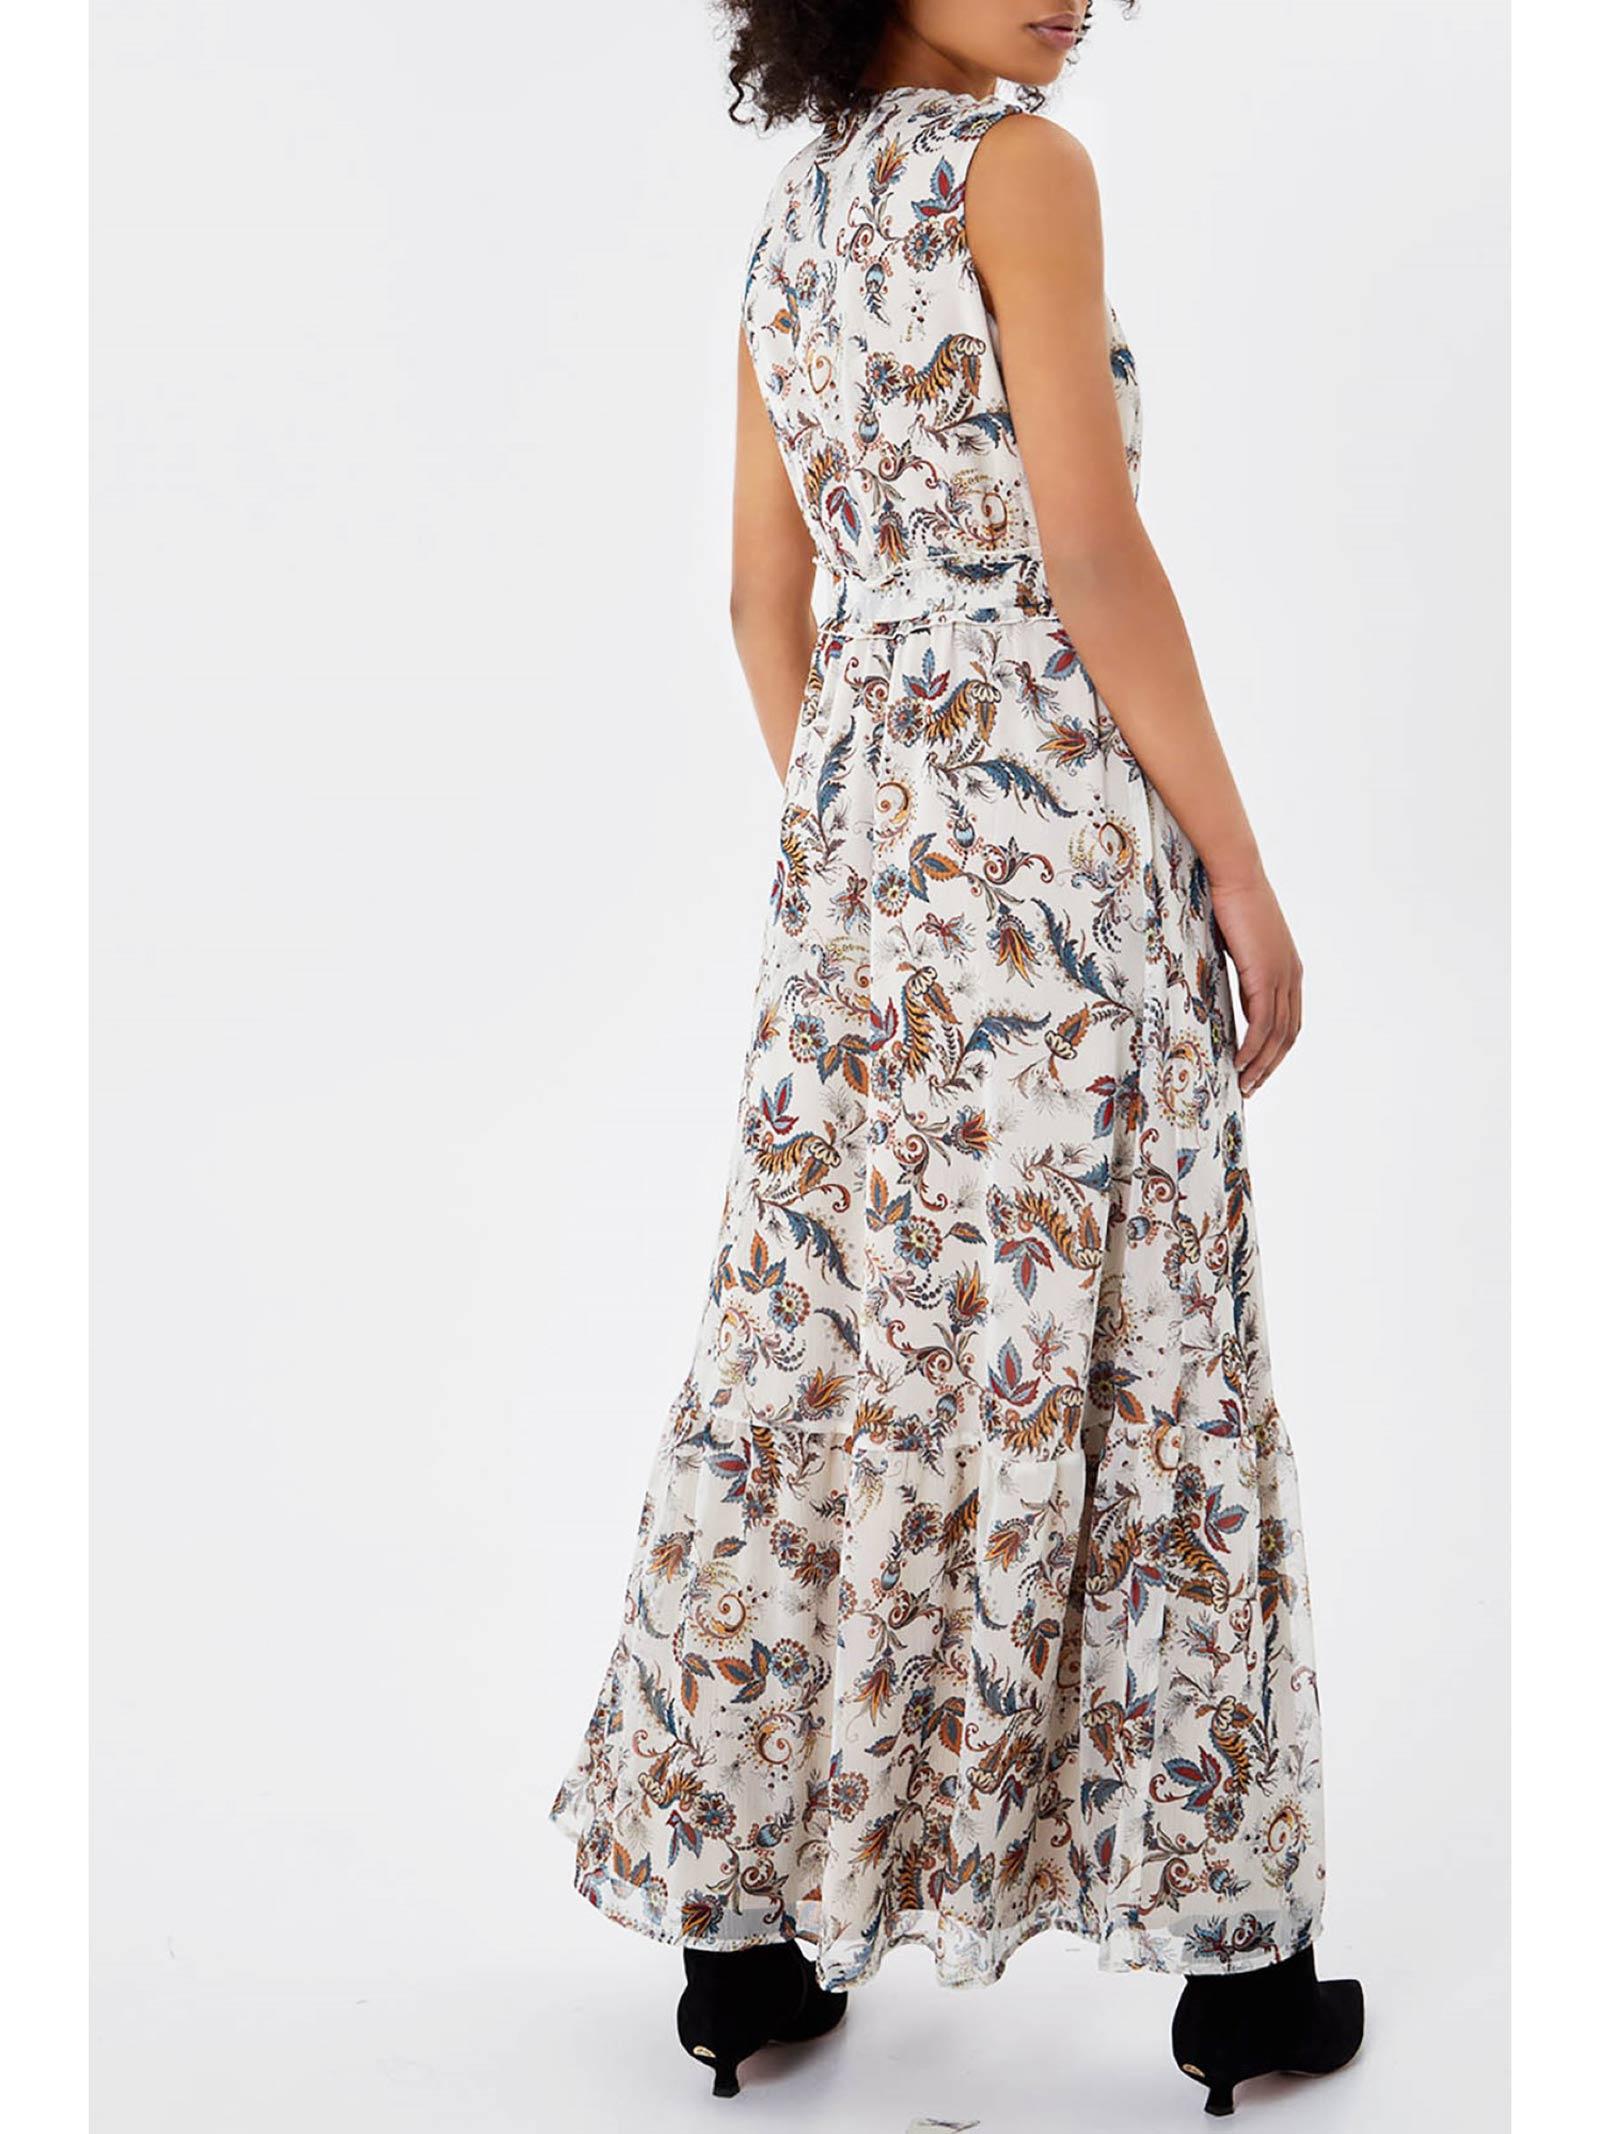 LIU JO | Dresses | WA1221T5959T9688